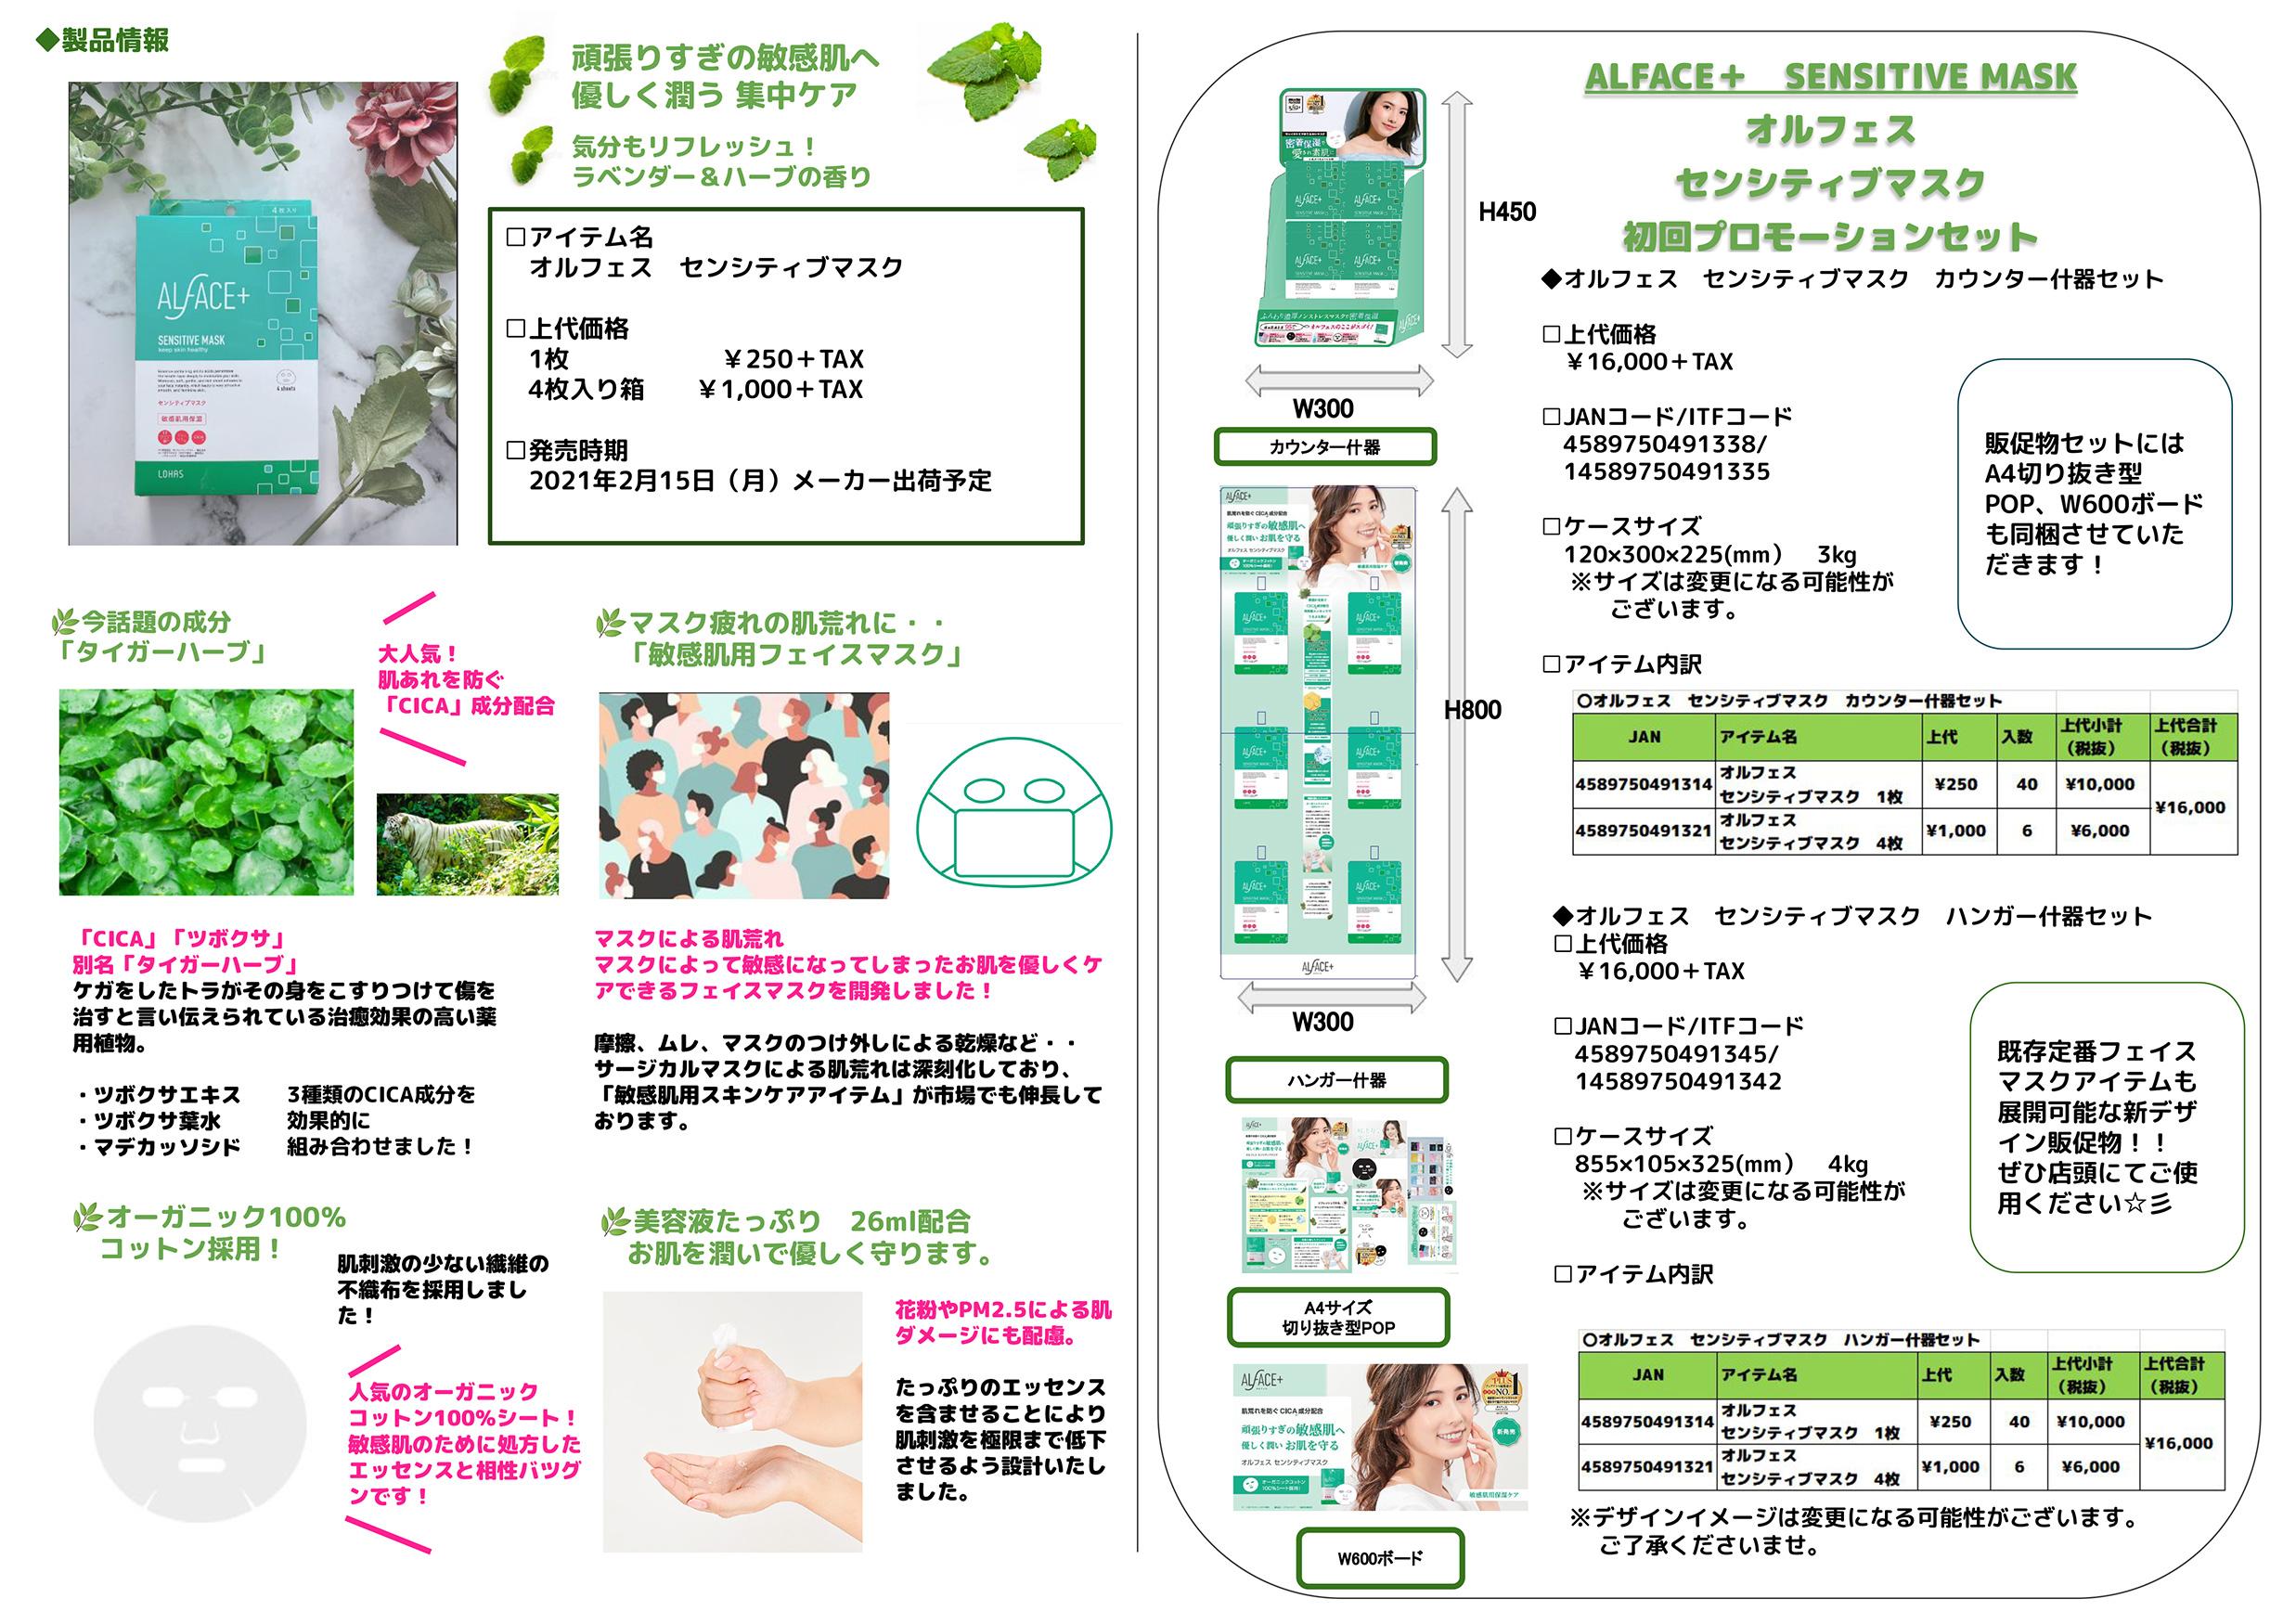 【規定書】オルフェス イエローエッセンシャルマスク(2)